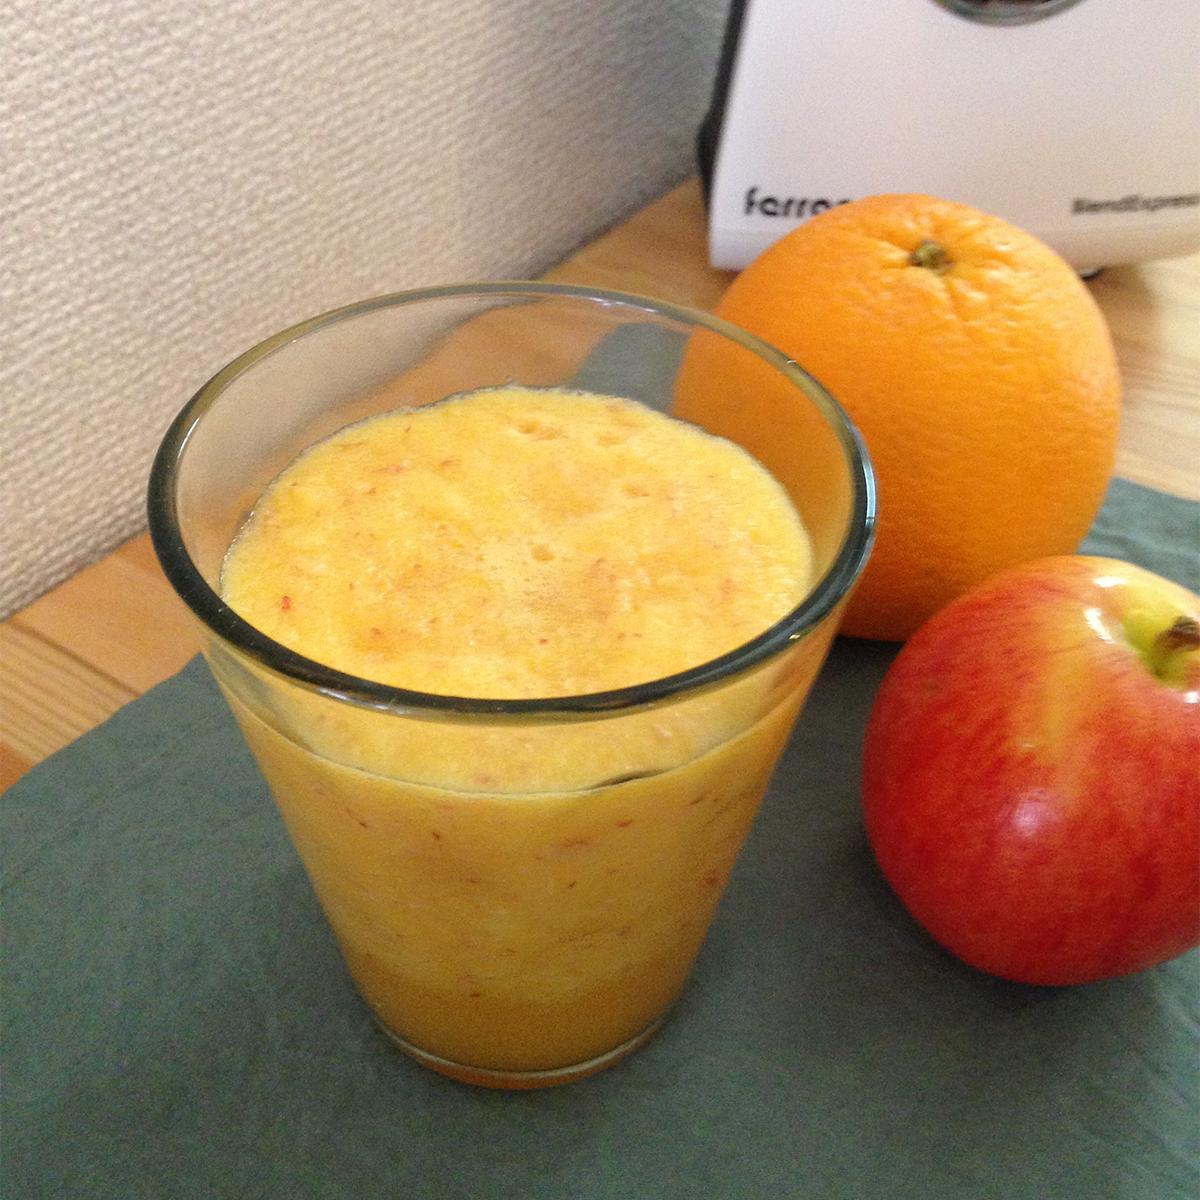 朝が変わる!なめらか「野菜の生スムージー」|皮つき野菜も氷も入れてOK、パワフルな小型ブレンダー|ferrano